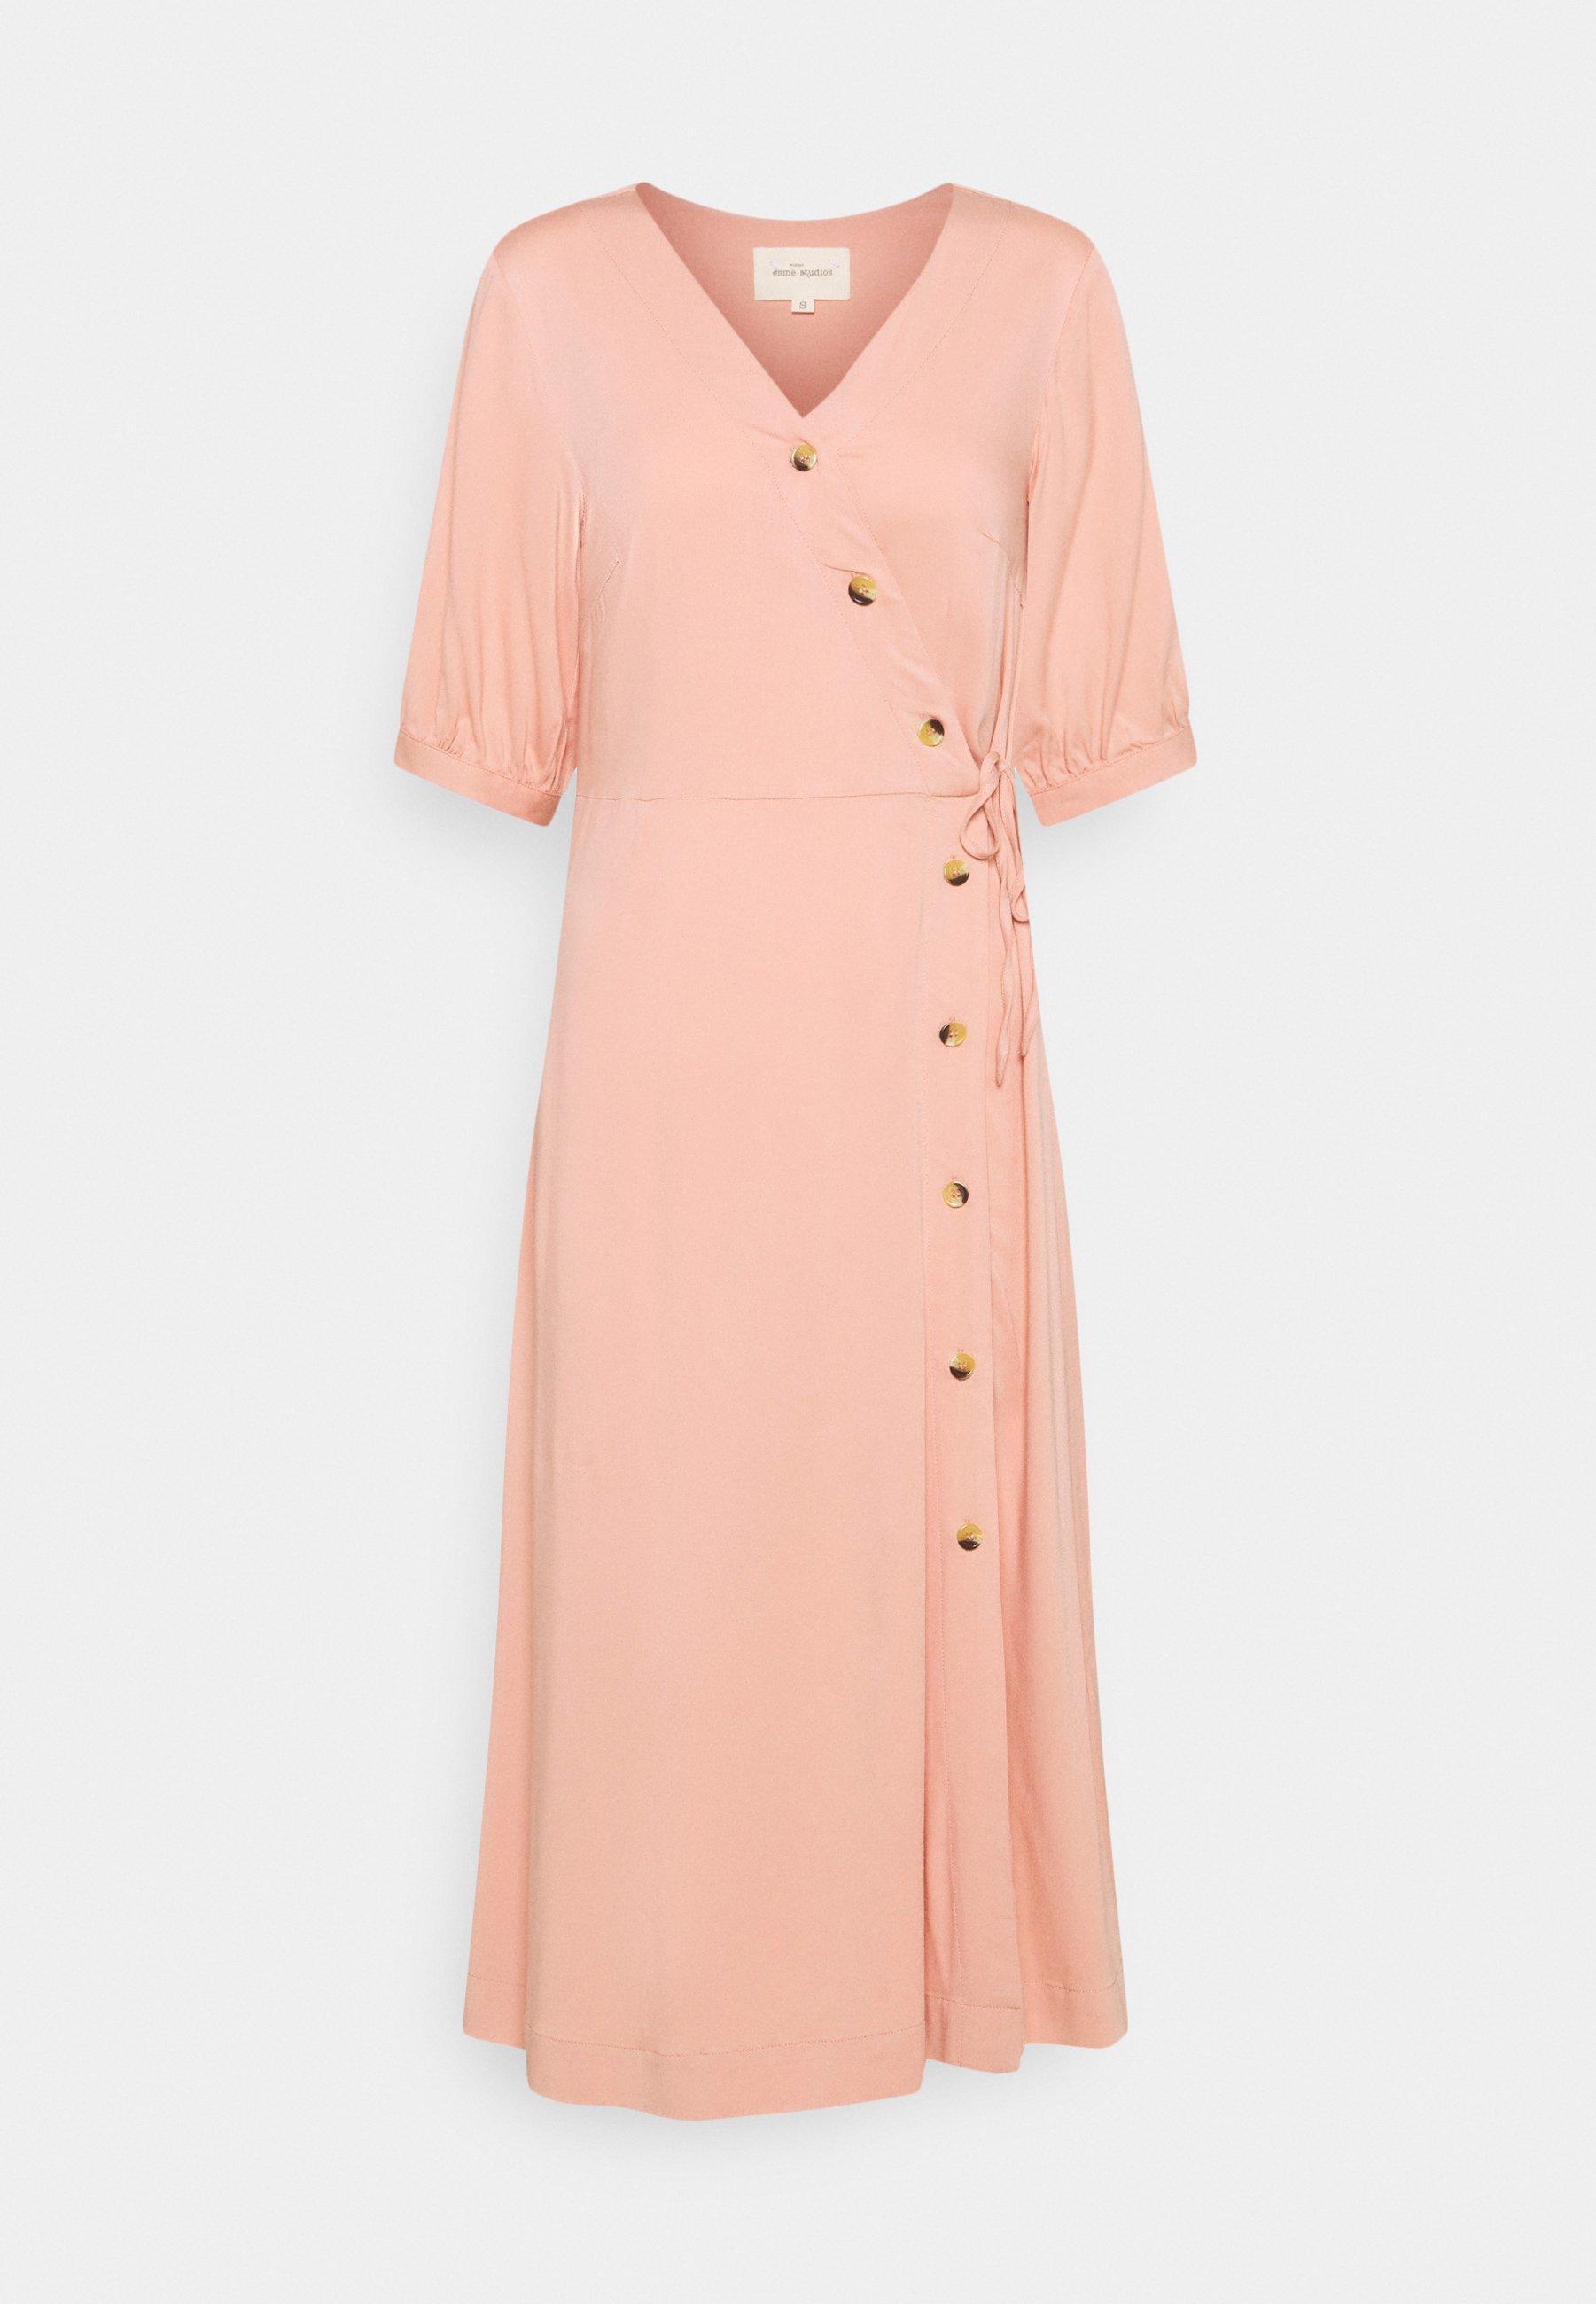 Femme GRACE DRESS - Robe chemise